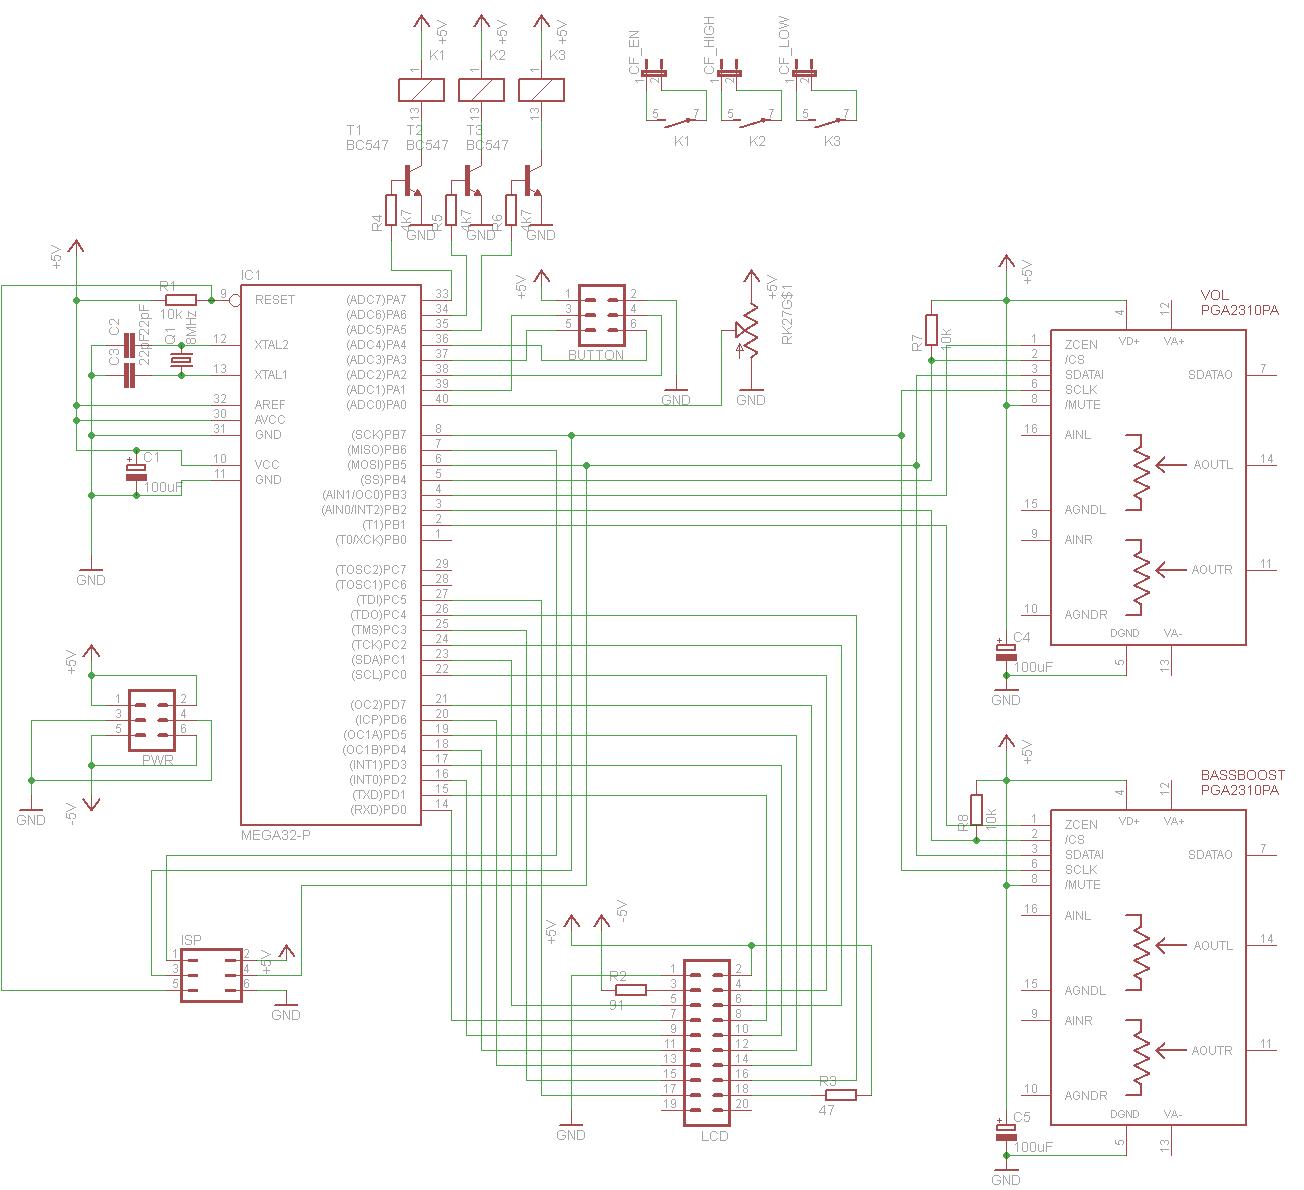 schaltplan ok? (+/- 5v netzteil, verstärker regelung, userinterface ...